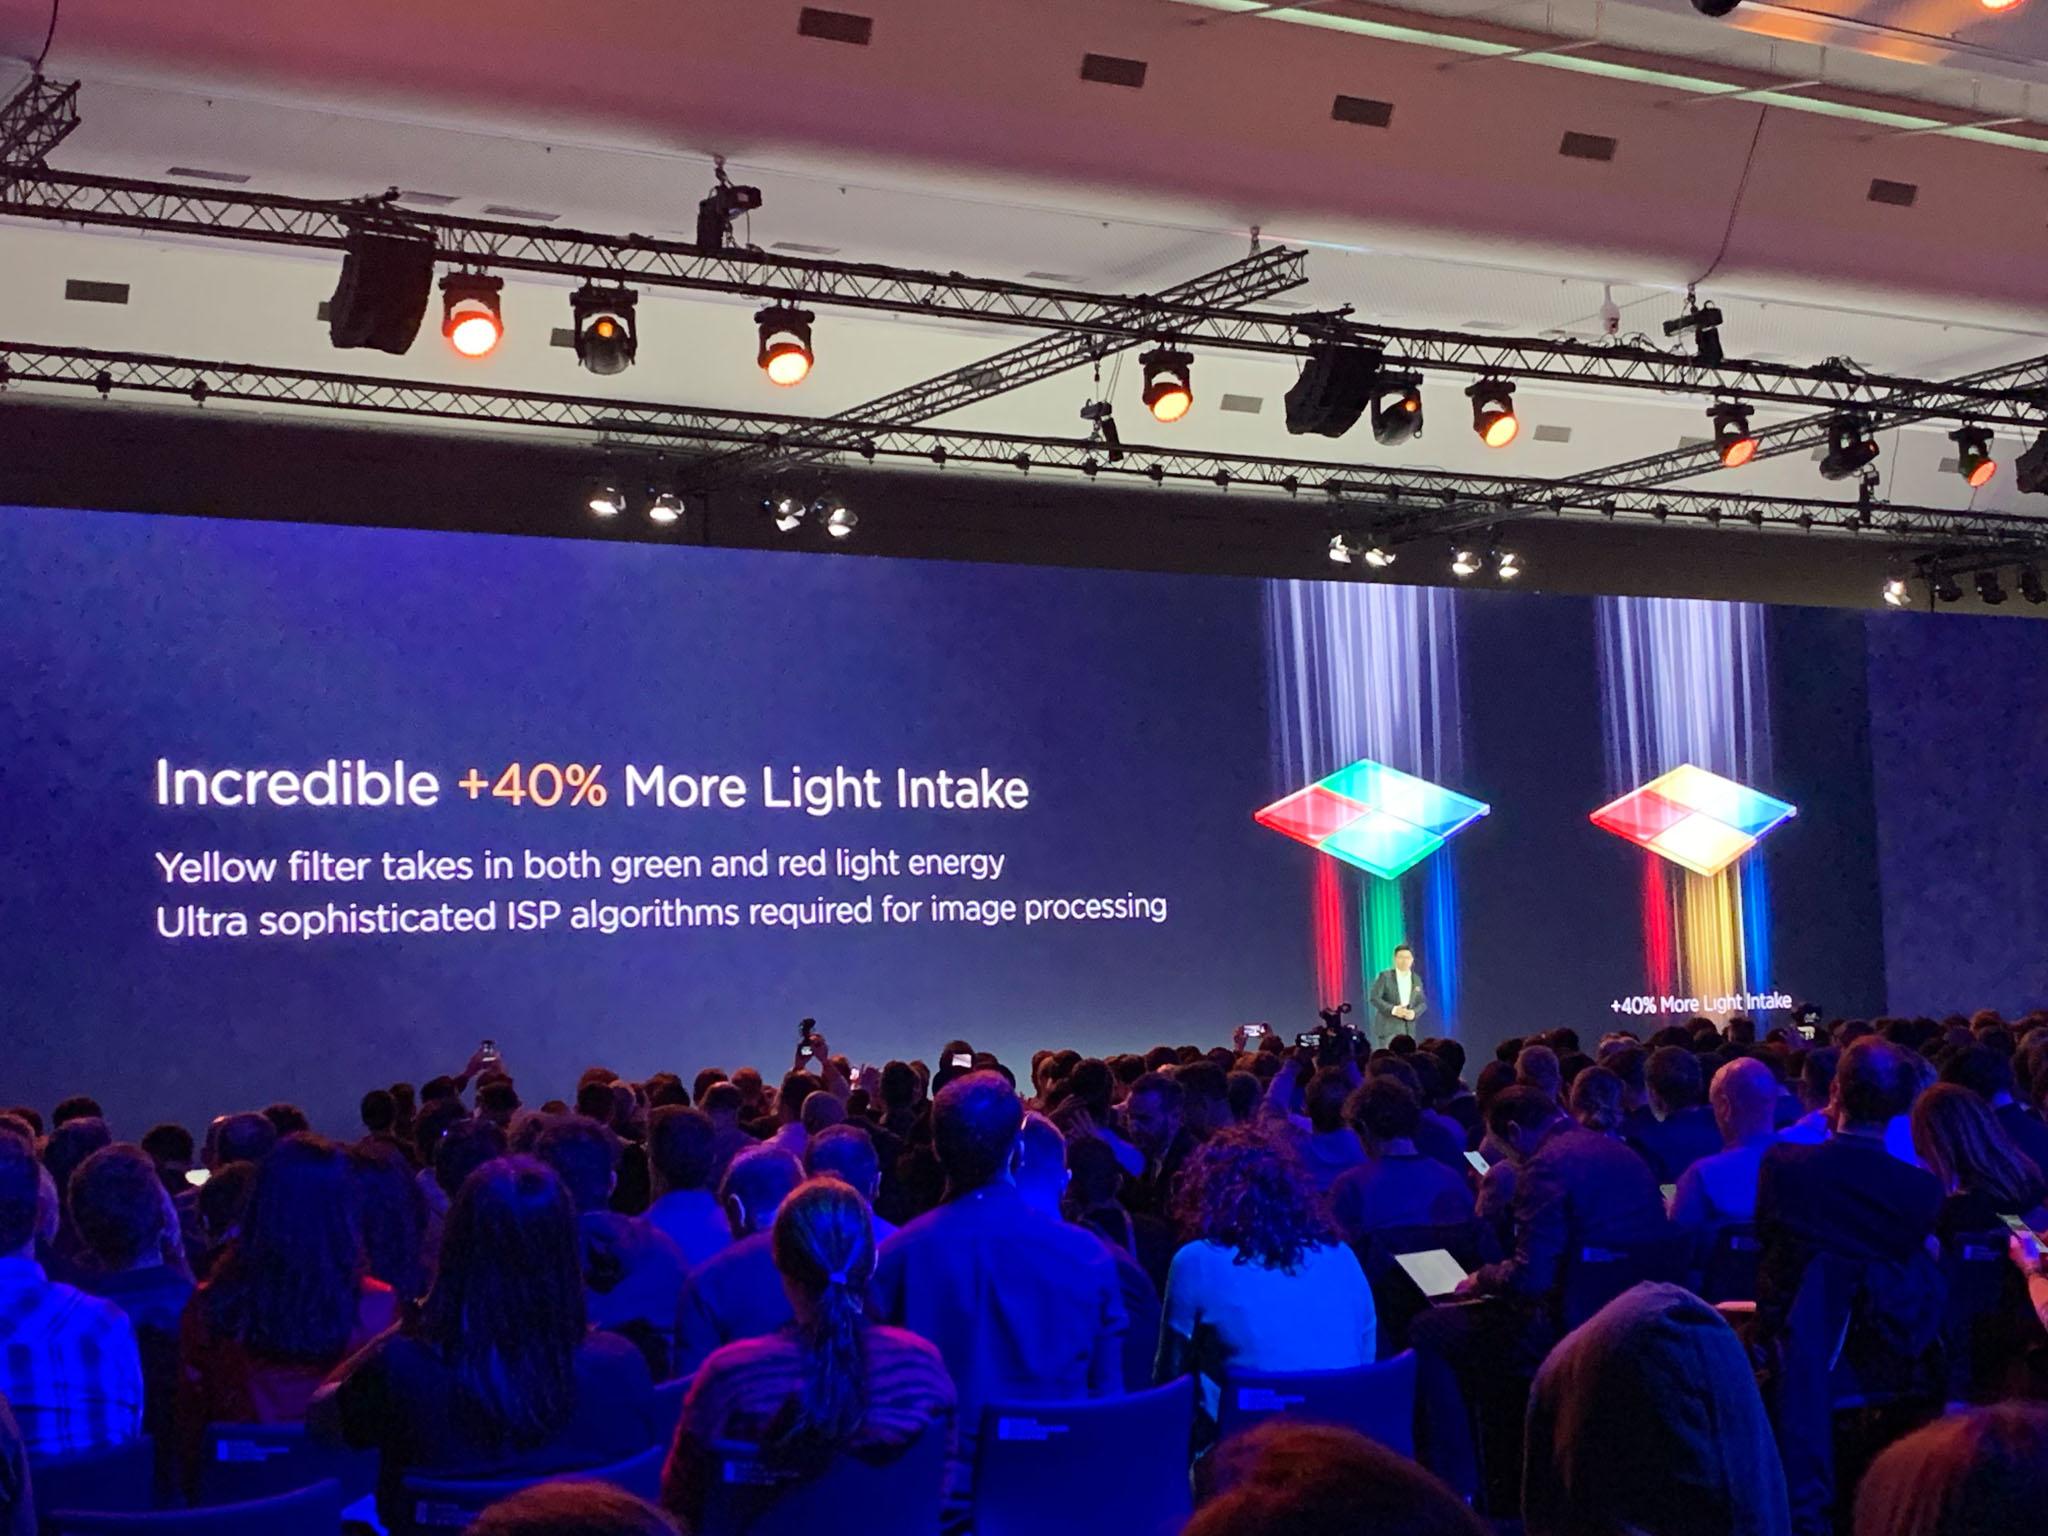 HUAWEI hat die Farberkennung von RGB zu RYYB geändert, was für eine bessere Ausleuchtung Ihrer Bilder sorgt. Das erfolgreiche Zusammenwirken des SuperSpektrum-Sensors von HUAWEI, des ISP des Kirin 980 und des selbst entwickelten Algorithmus trägt mit 40% mehr Licht dazu bei, dass die Erinnerungen tagsüber und auch nachts klar und deutlich eingefangen werden.